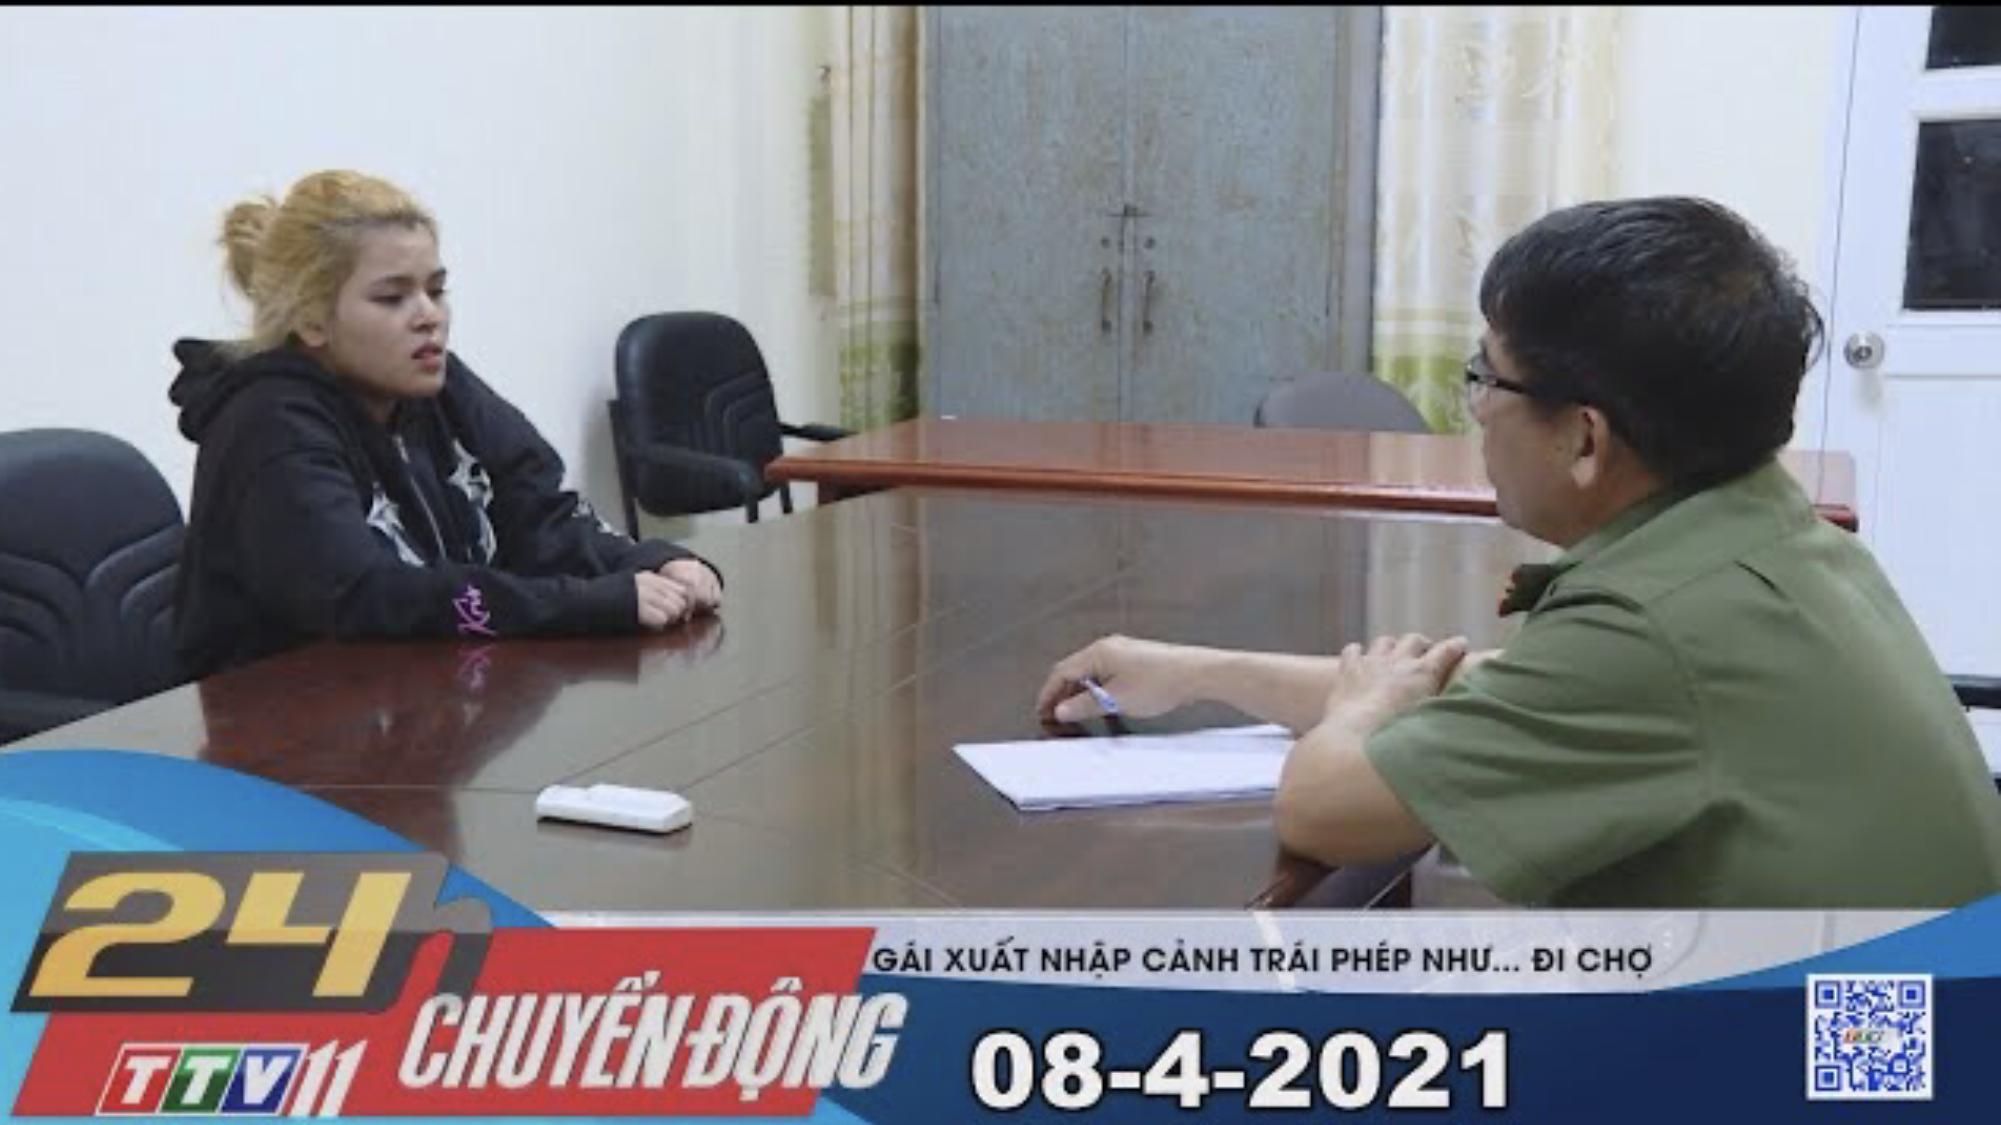 24h Chuyển động 08-4-2021 | Tin tức hôm nay | TayNinhTV